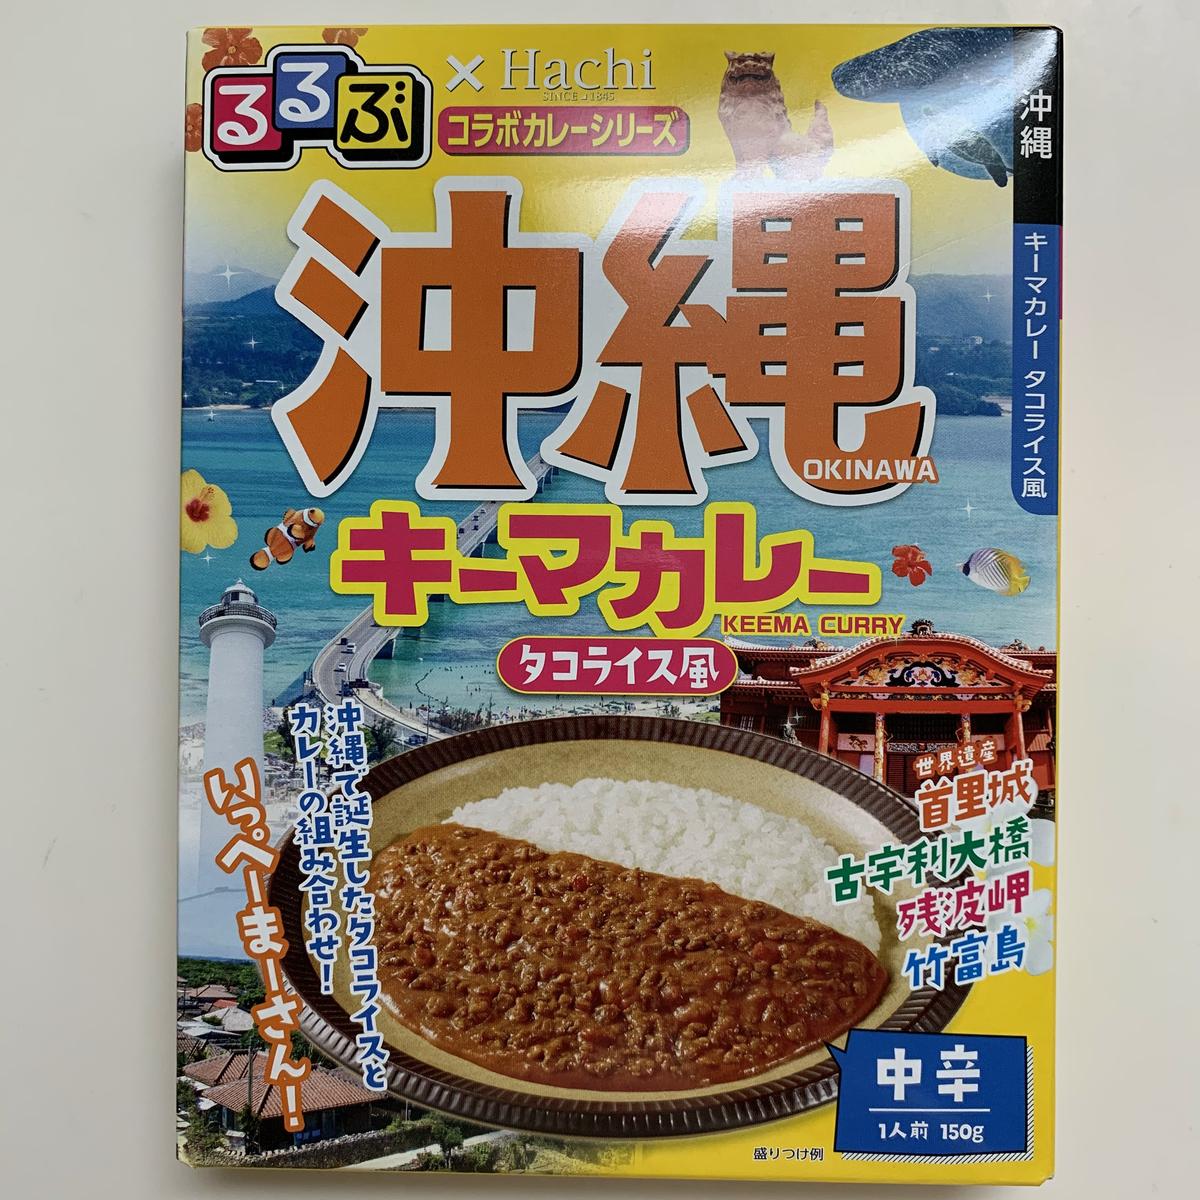 るるぶ×ハチ食品コラボカレー パッケージ